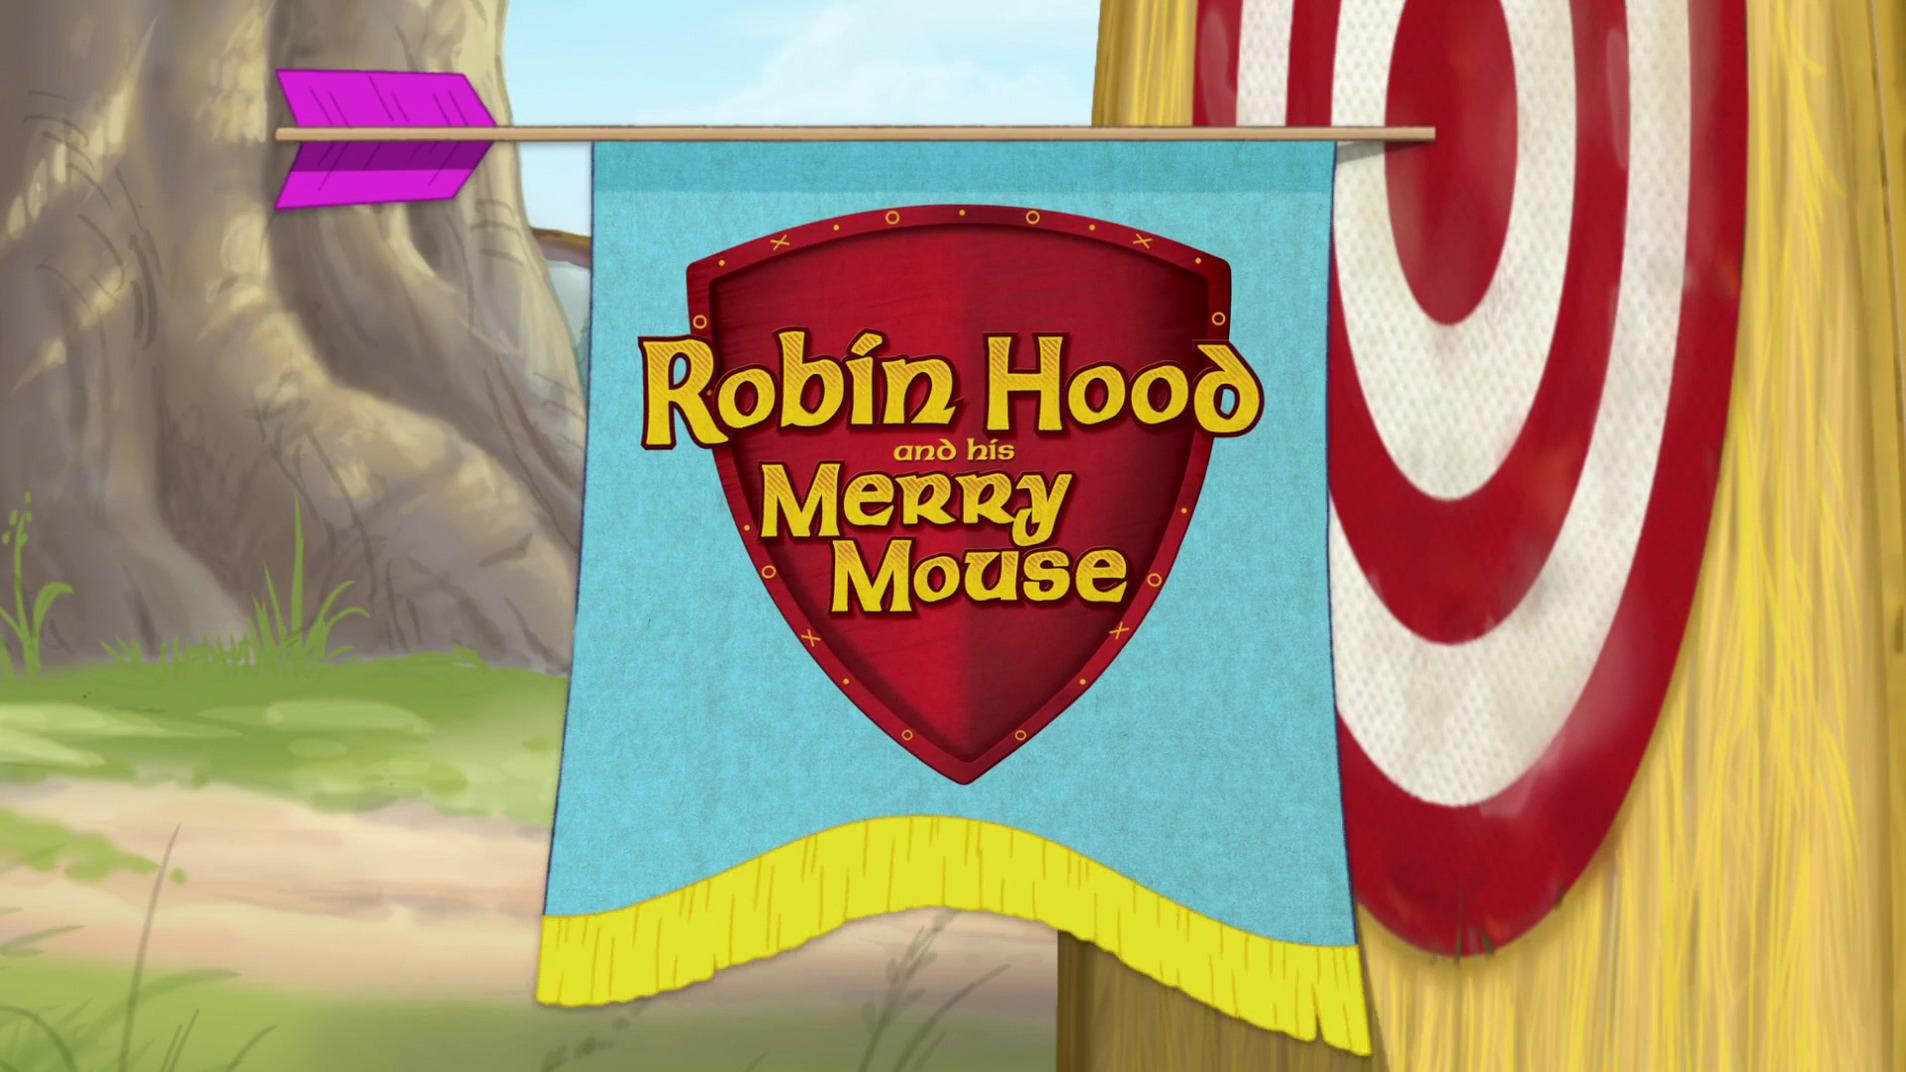 Том и джерри робин гуд и мышь весельчак 25 фотография